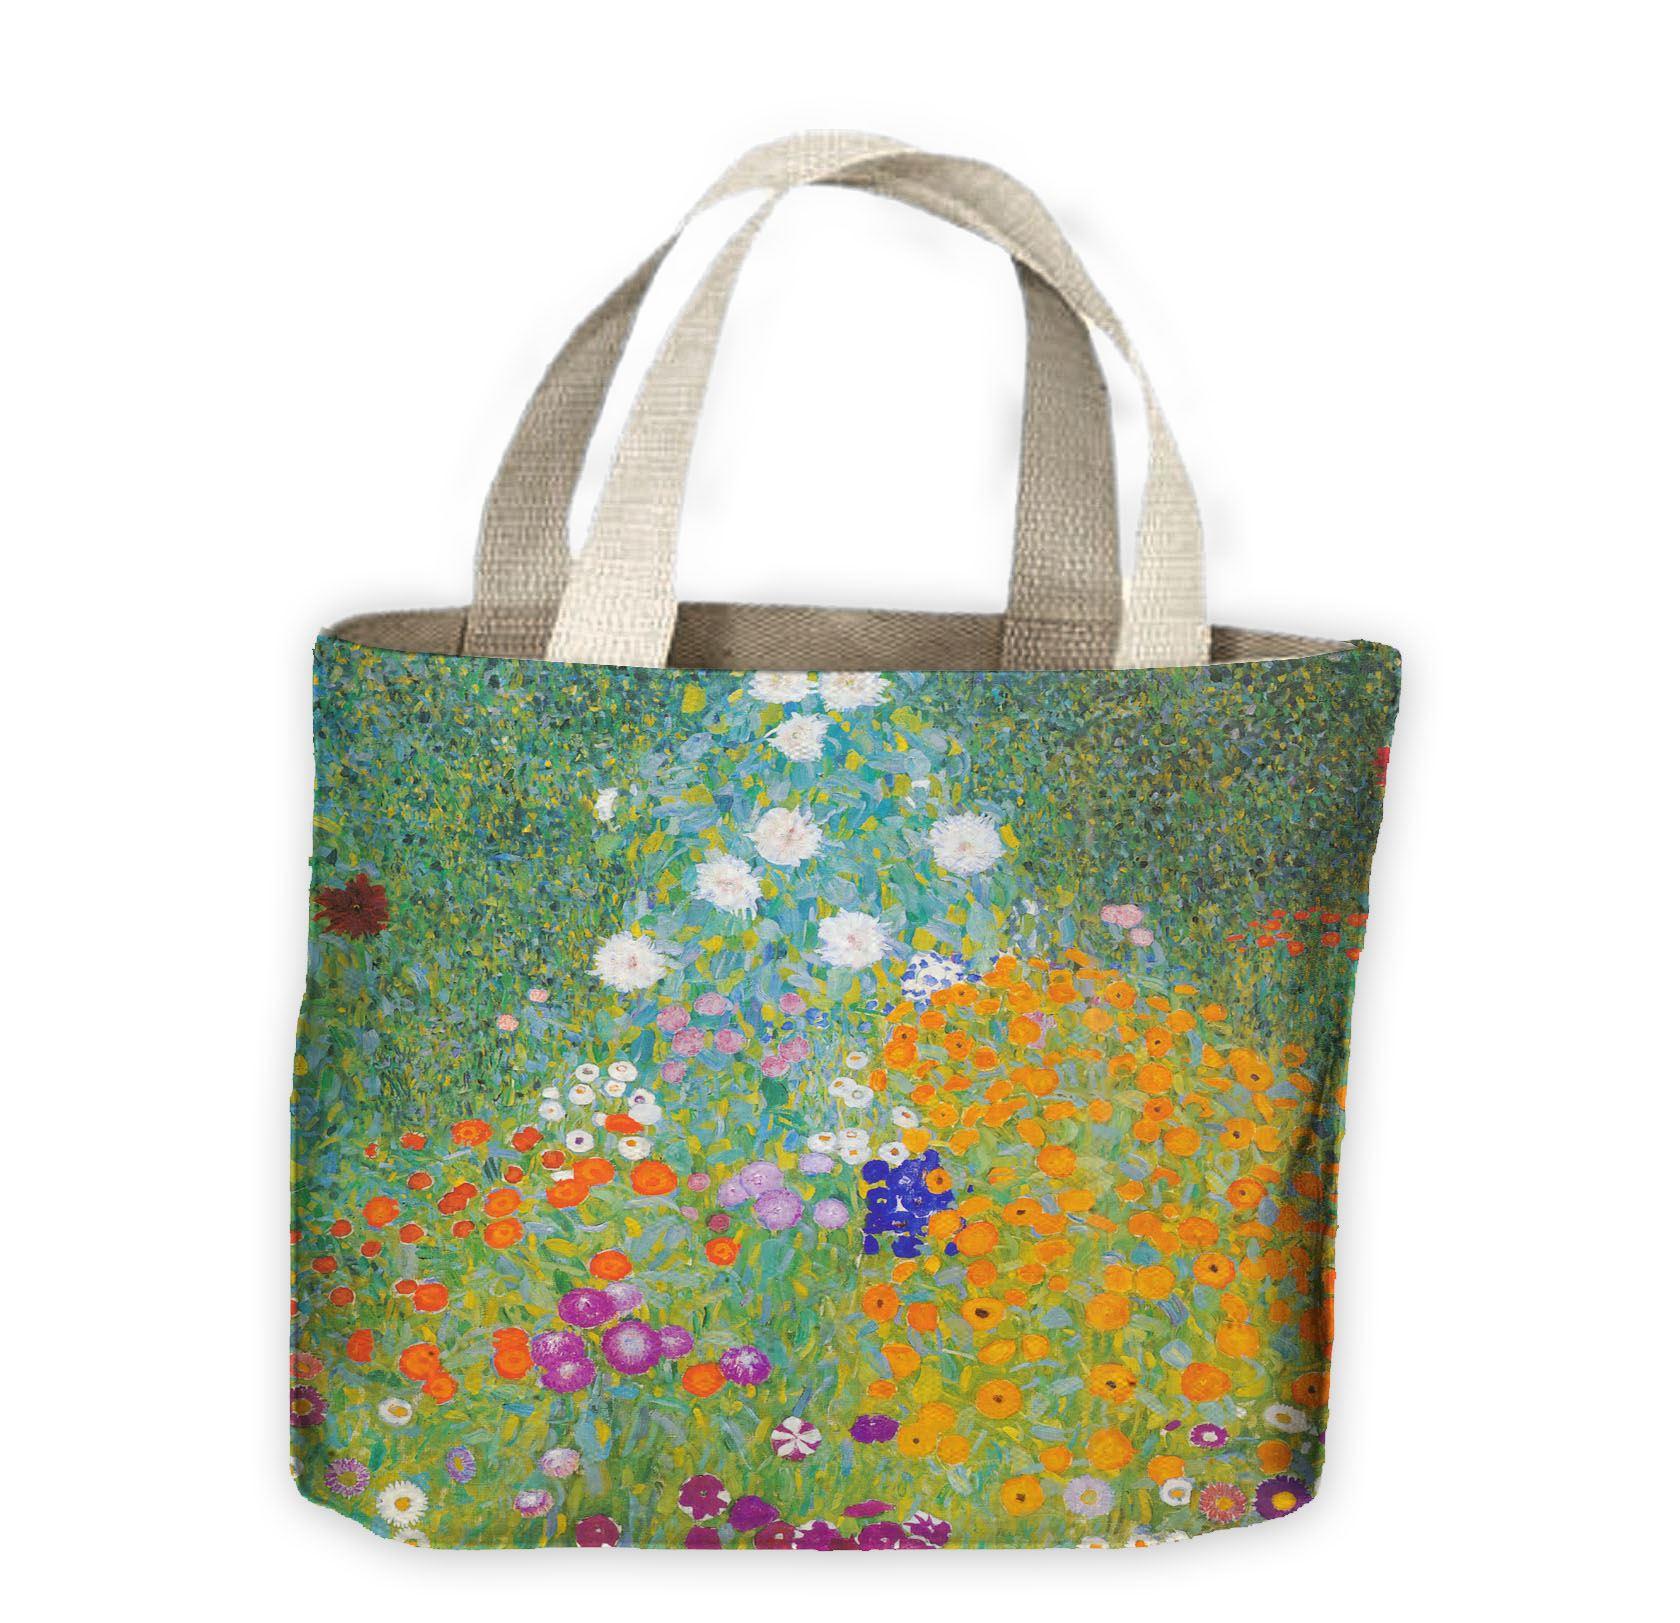 dc3ae8fc580 Gustav Klimt Flower Garden Tote Shopping Bag For Life 5056031655967 ...